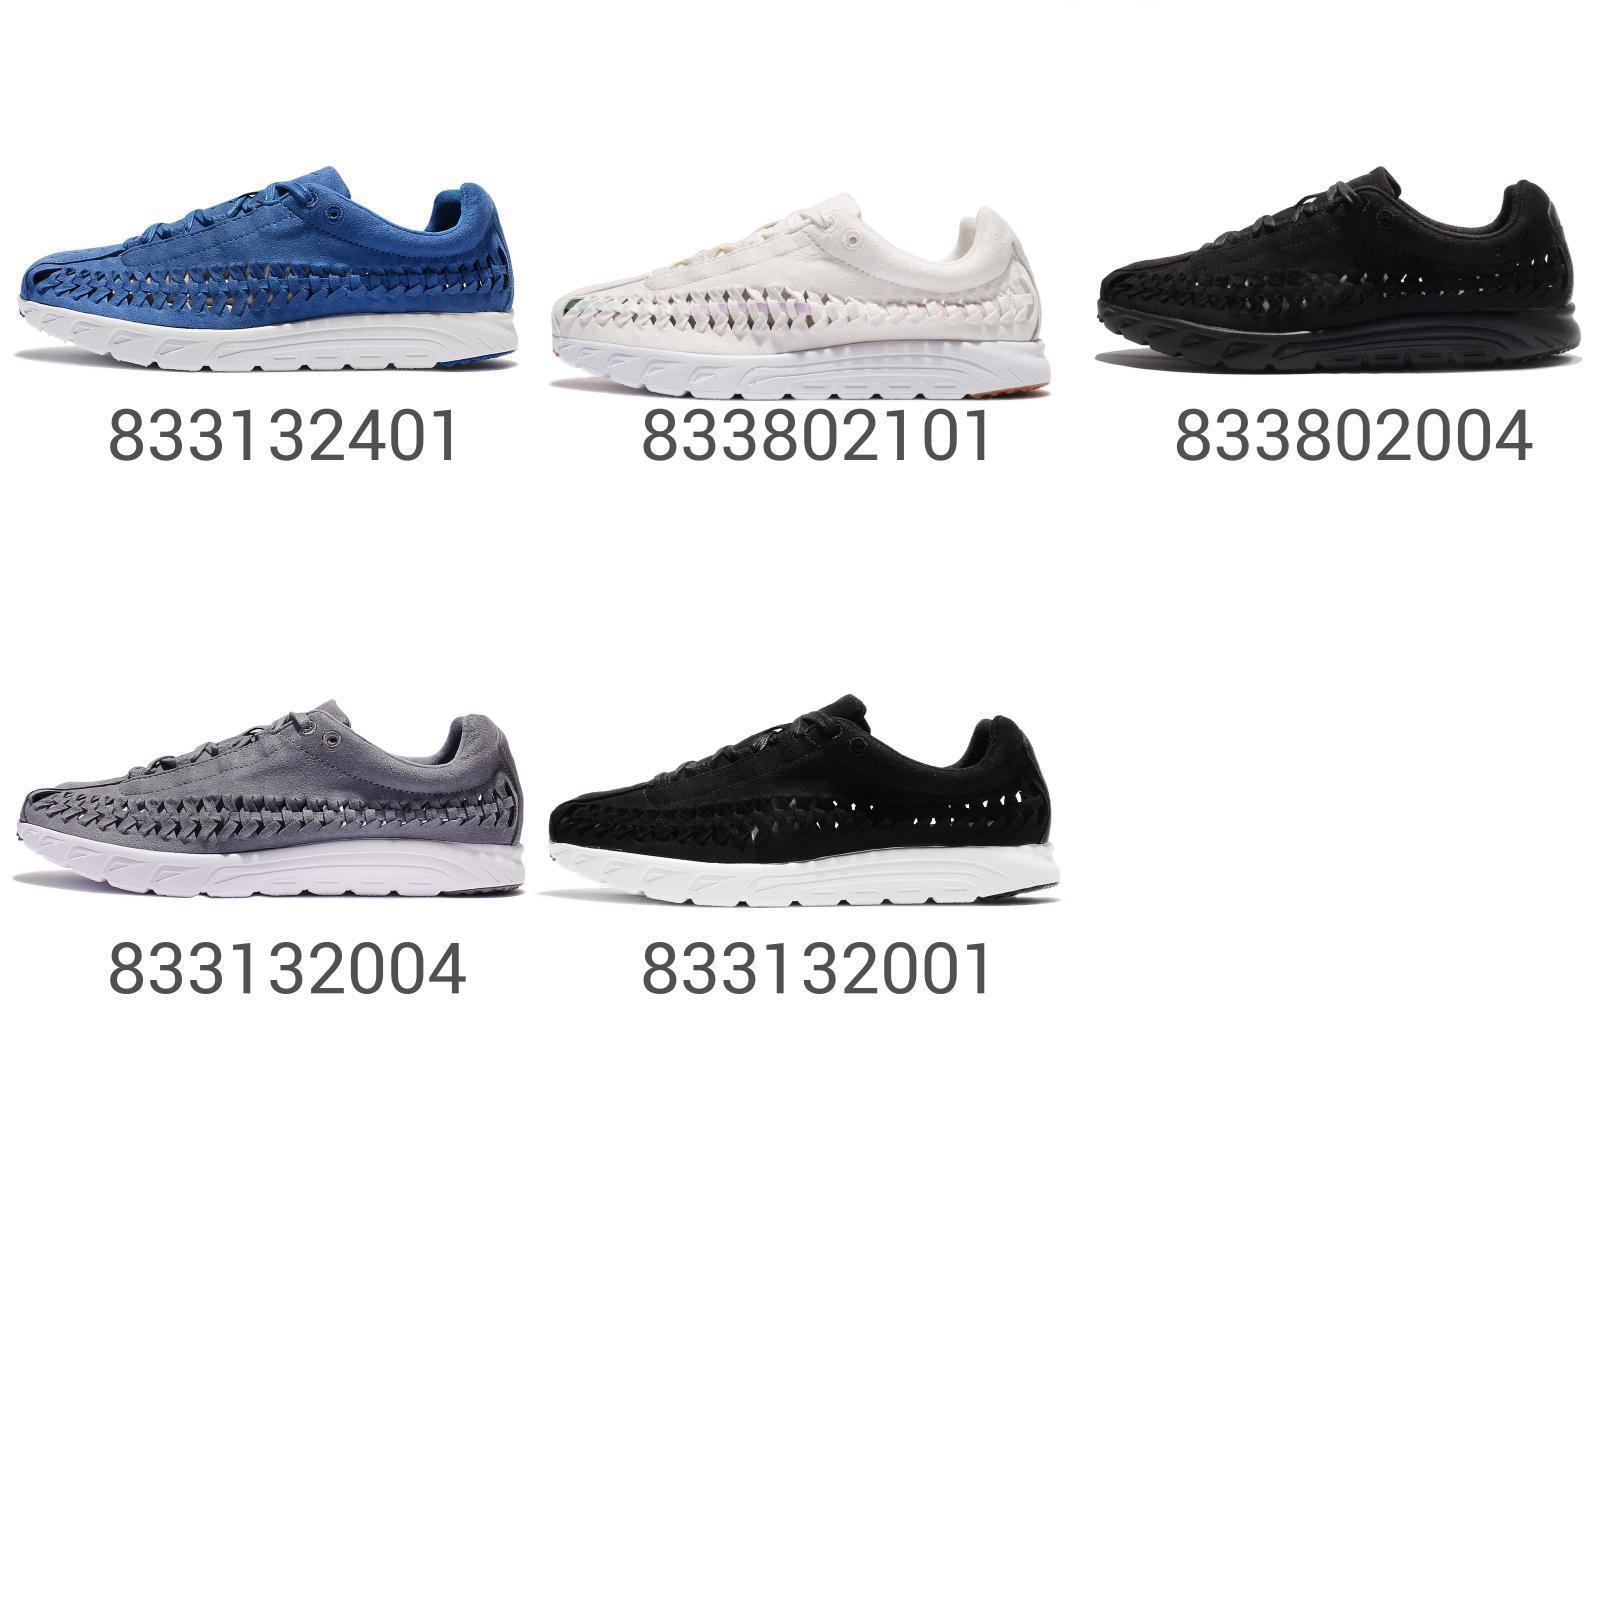 Lo stile di vita effimera, tessuti, uomini donne scarpe scarpe scarpe nike sportivo scarpe - 1 del nuovo galles del sud | Garanzia autentica  | Uomo/Donne Scarpa  c0eb04